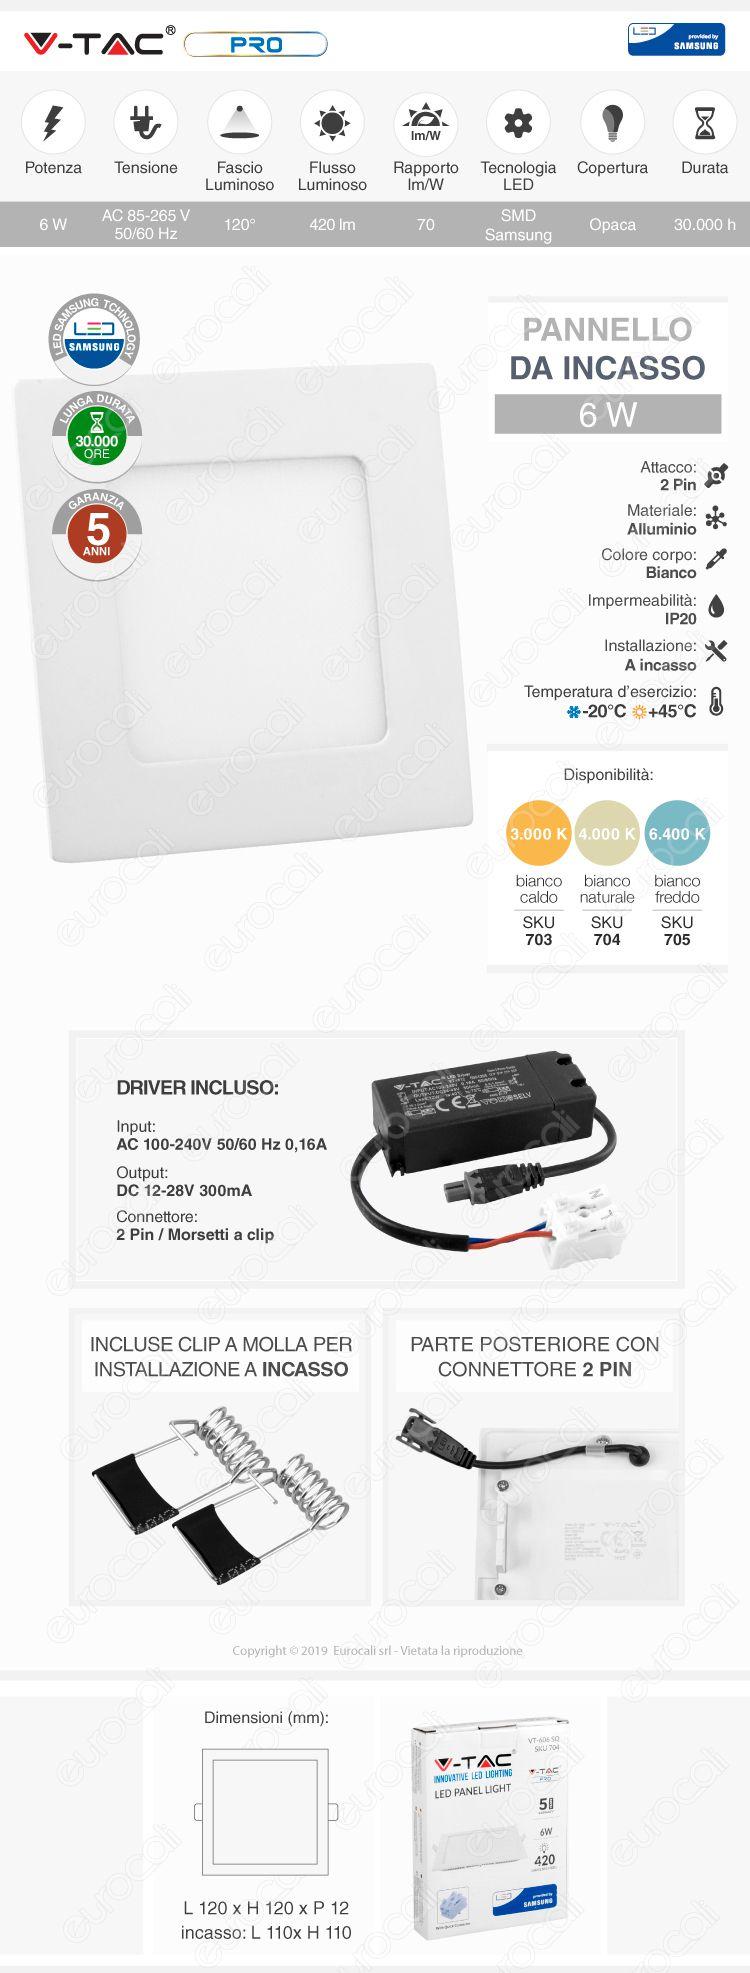 V-Tac PRO VT-606 SQ Pannello LED Quadrato 6W SMD da Incasso con Driver con Chip Samsung